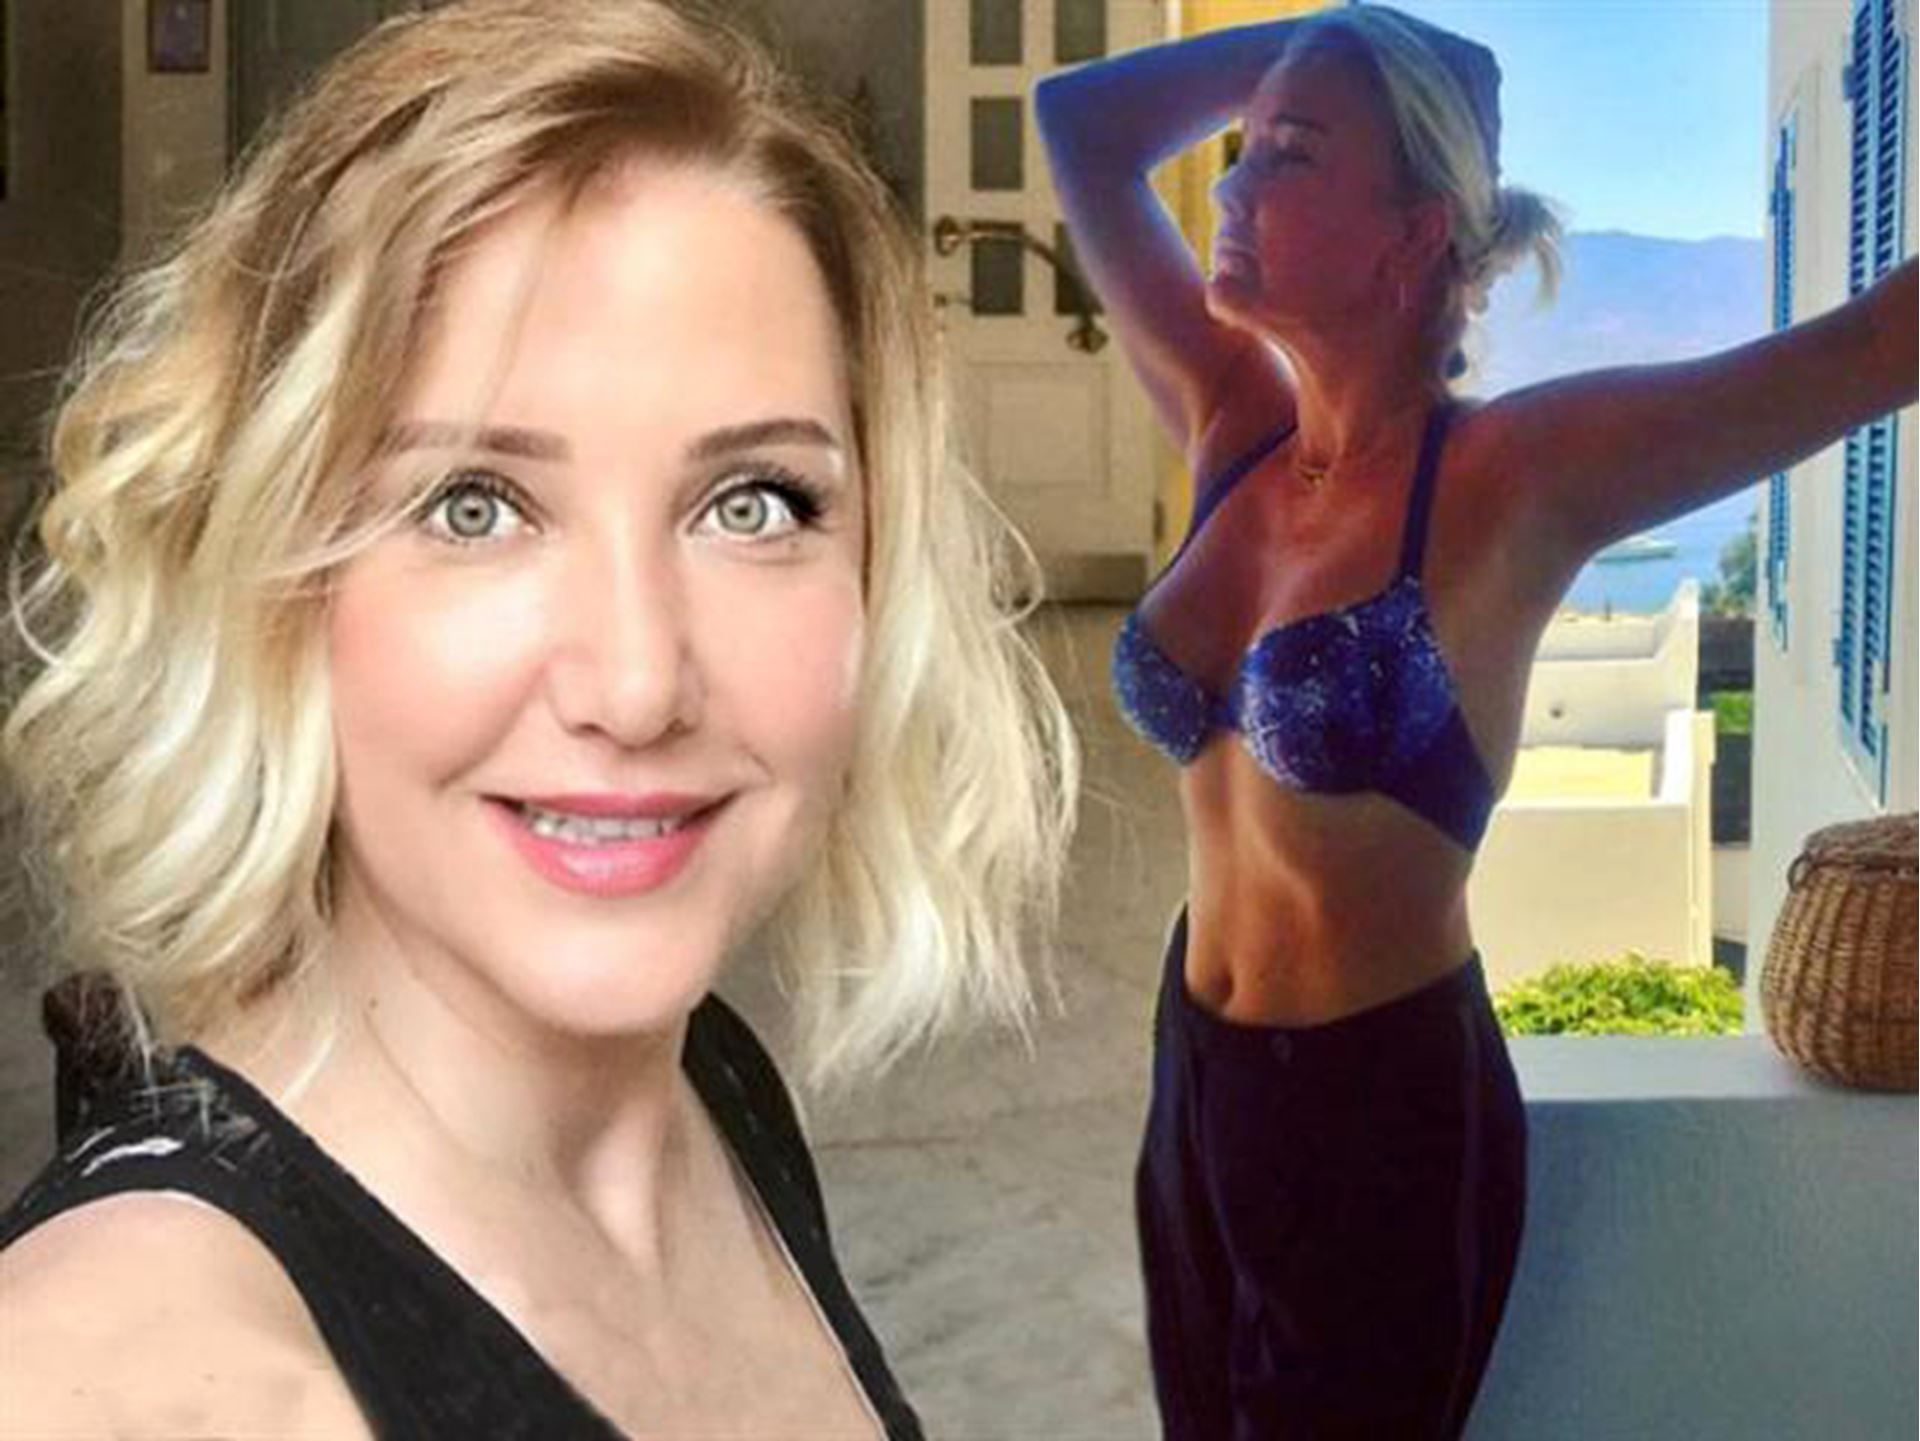 Miraculous GAPS Diet that Berna Laçin lost 8 kilos #diet #gaps- # berna #diet ... -  Miraculous GAPS diet that Berna Laçin lost 8 kilos #diet #gaps– # BeRnA #diet the #diyet #Gaps   - #Berna #cartoonnetwork #Diet #GAPS #kilos #Laçin #lost #miraculous #miraculousladybug #miraculousladybugandcatnoir #miraculousladybugseason4 #miraculousladybugseason4episode1 #mylittlepony #mylittleponyequestriagirls